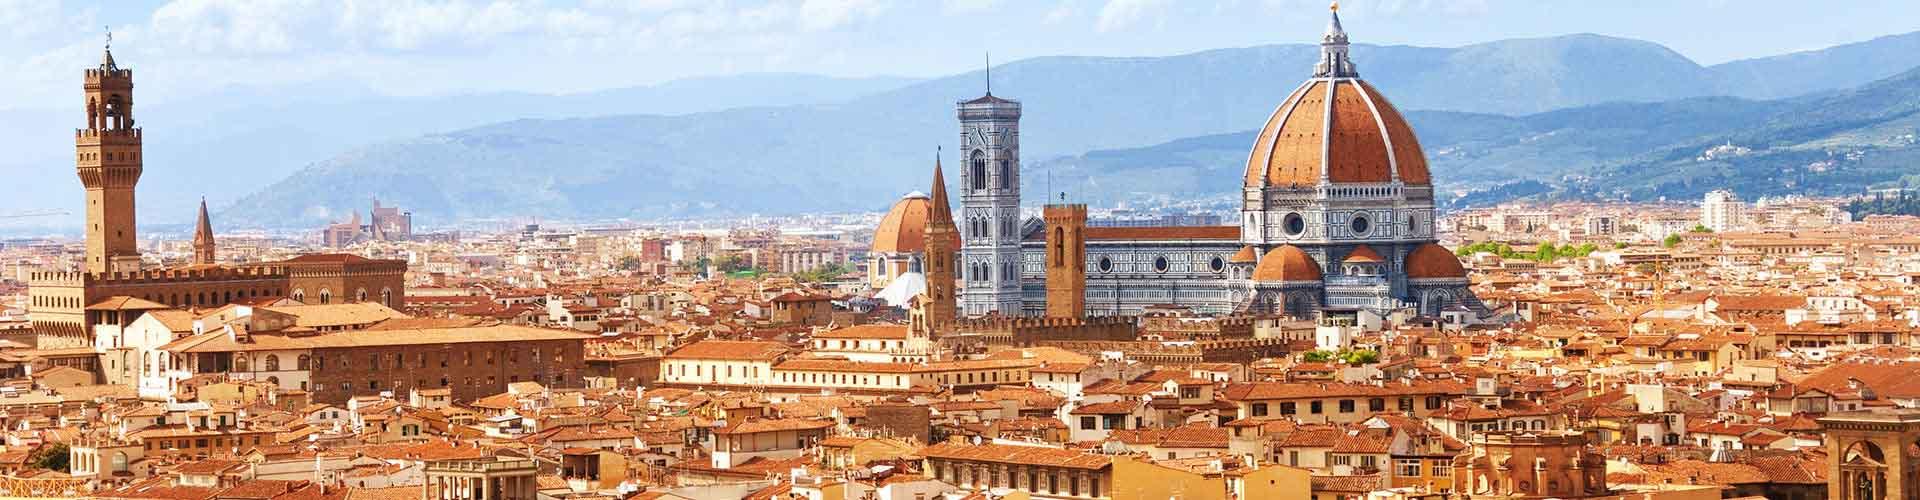 피렌체 - 피렌체에 있는 호스텔. 피렌체의 지도, 피렌체에 위치한 호스텔 사진 및 후기 정보.